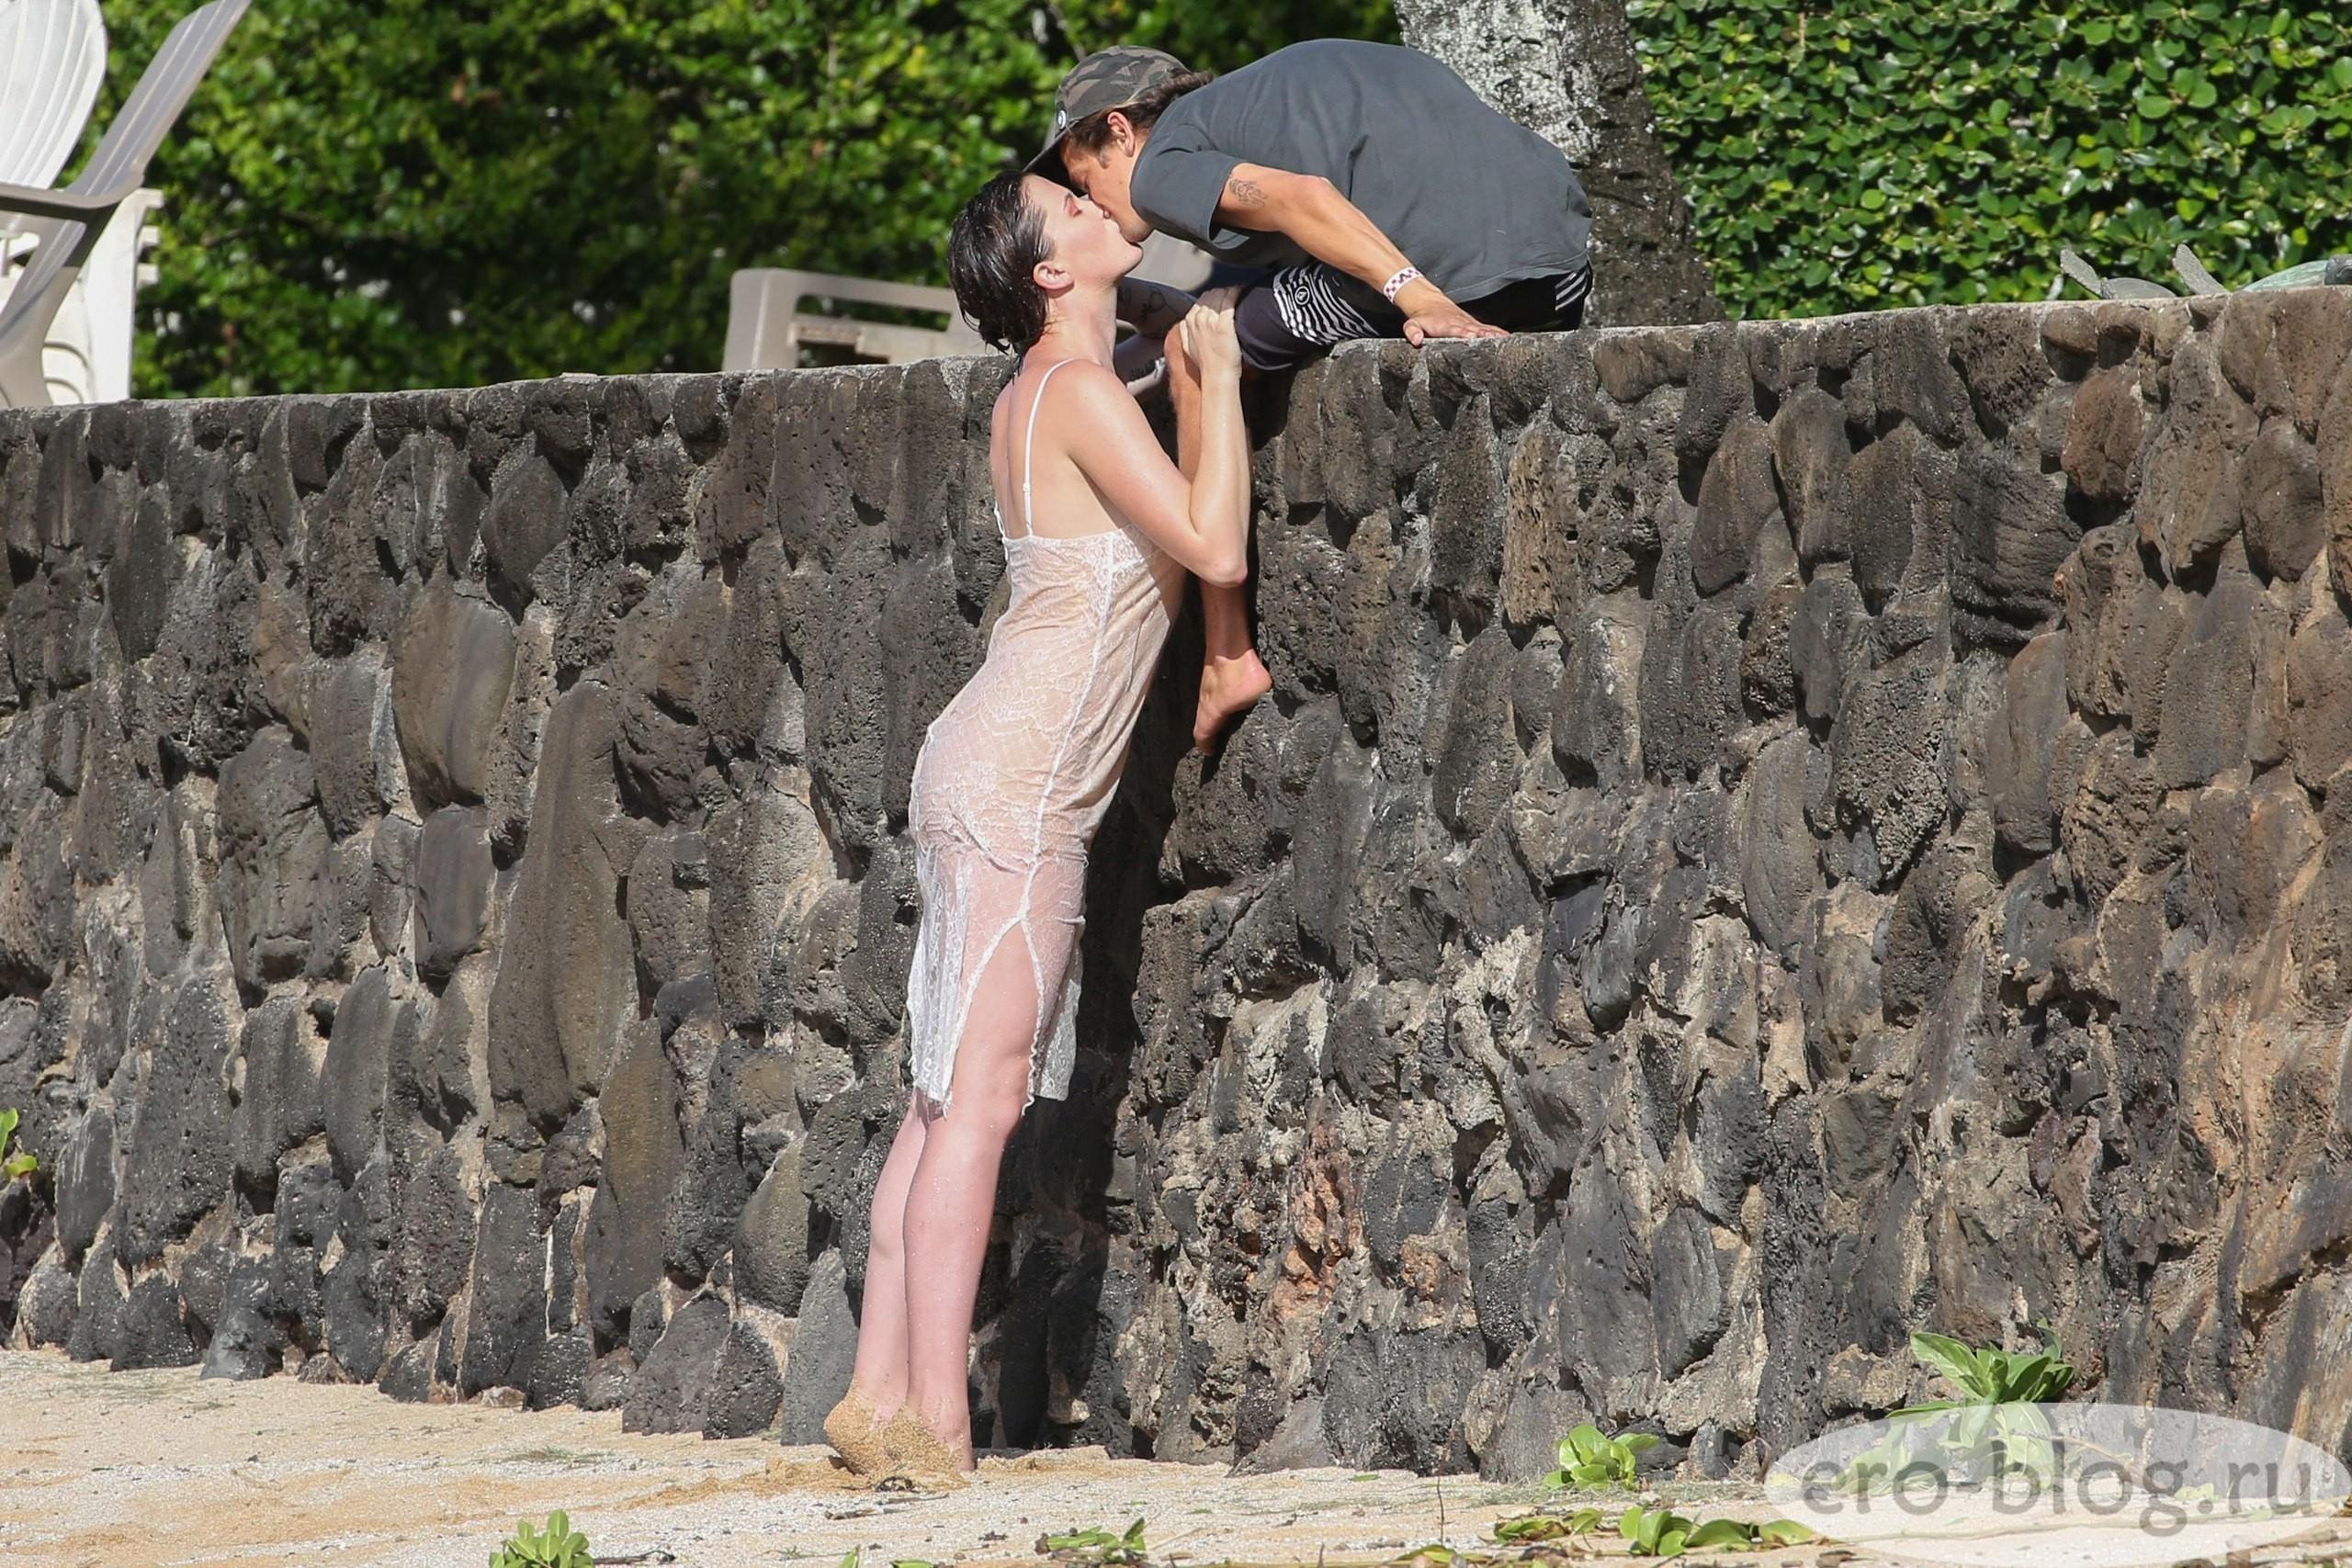 Голая обнаженная Ireland Baldwin   Айрленд Болдуин интимные фото звезды